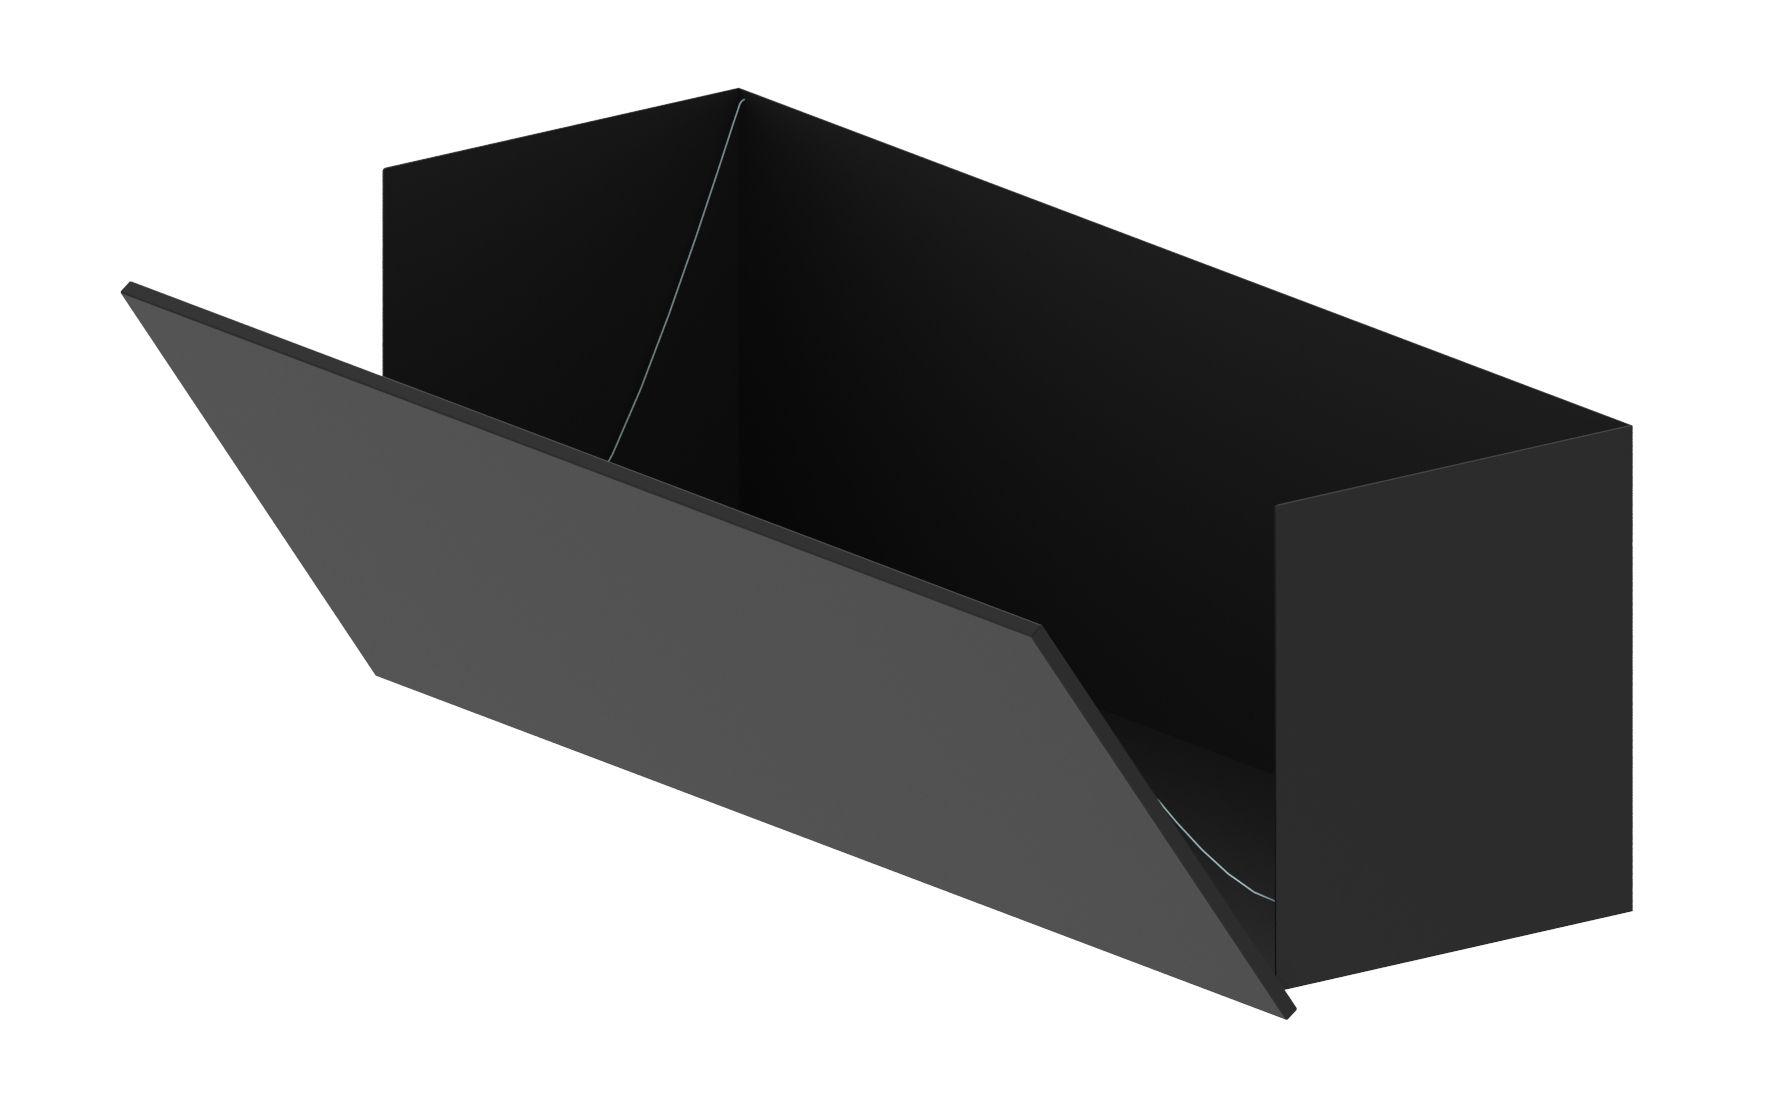 Arredamento - Scaffali e librerie - Cassettiera - con anta /Per libreria Easy Irony - L 100 cm di Zeus - Nero ramato - Acciaio verniciato